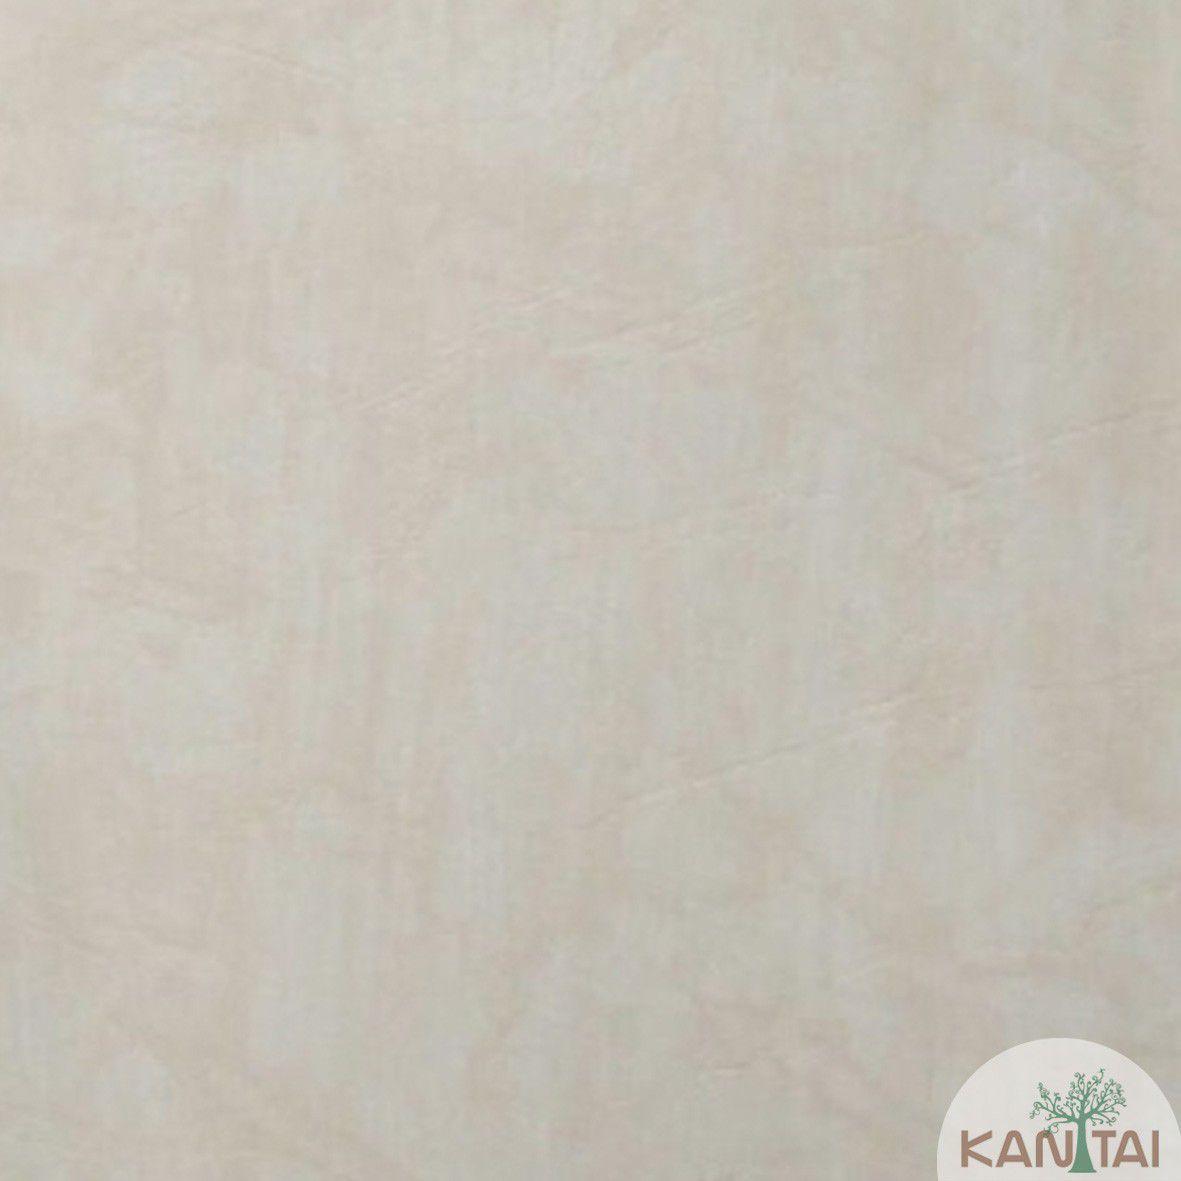 Papel de Parede Kan Tai Vinilico Coleção Style Cimento Queimado Bege Claro